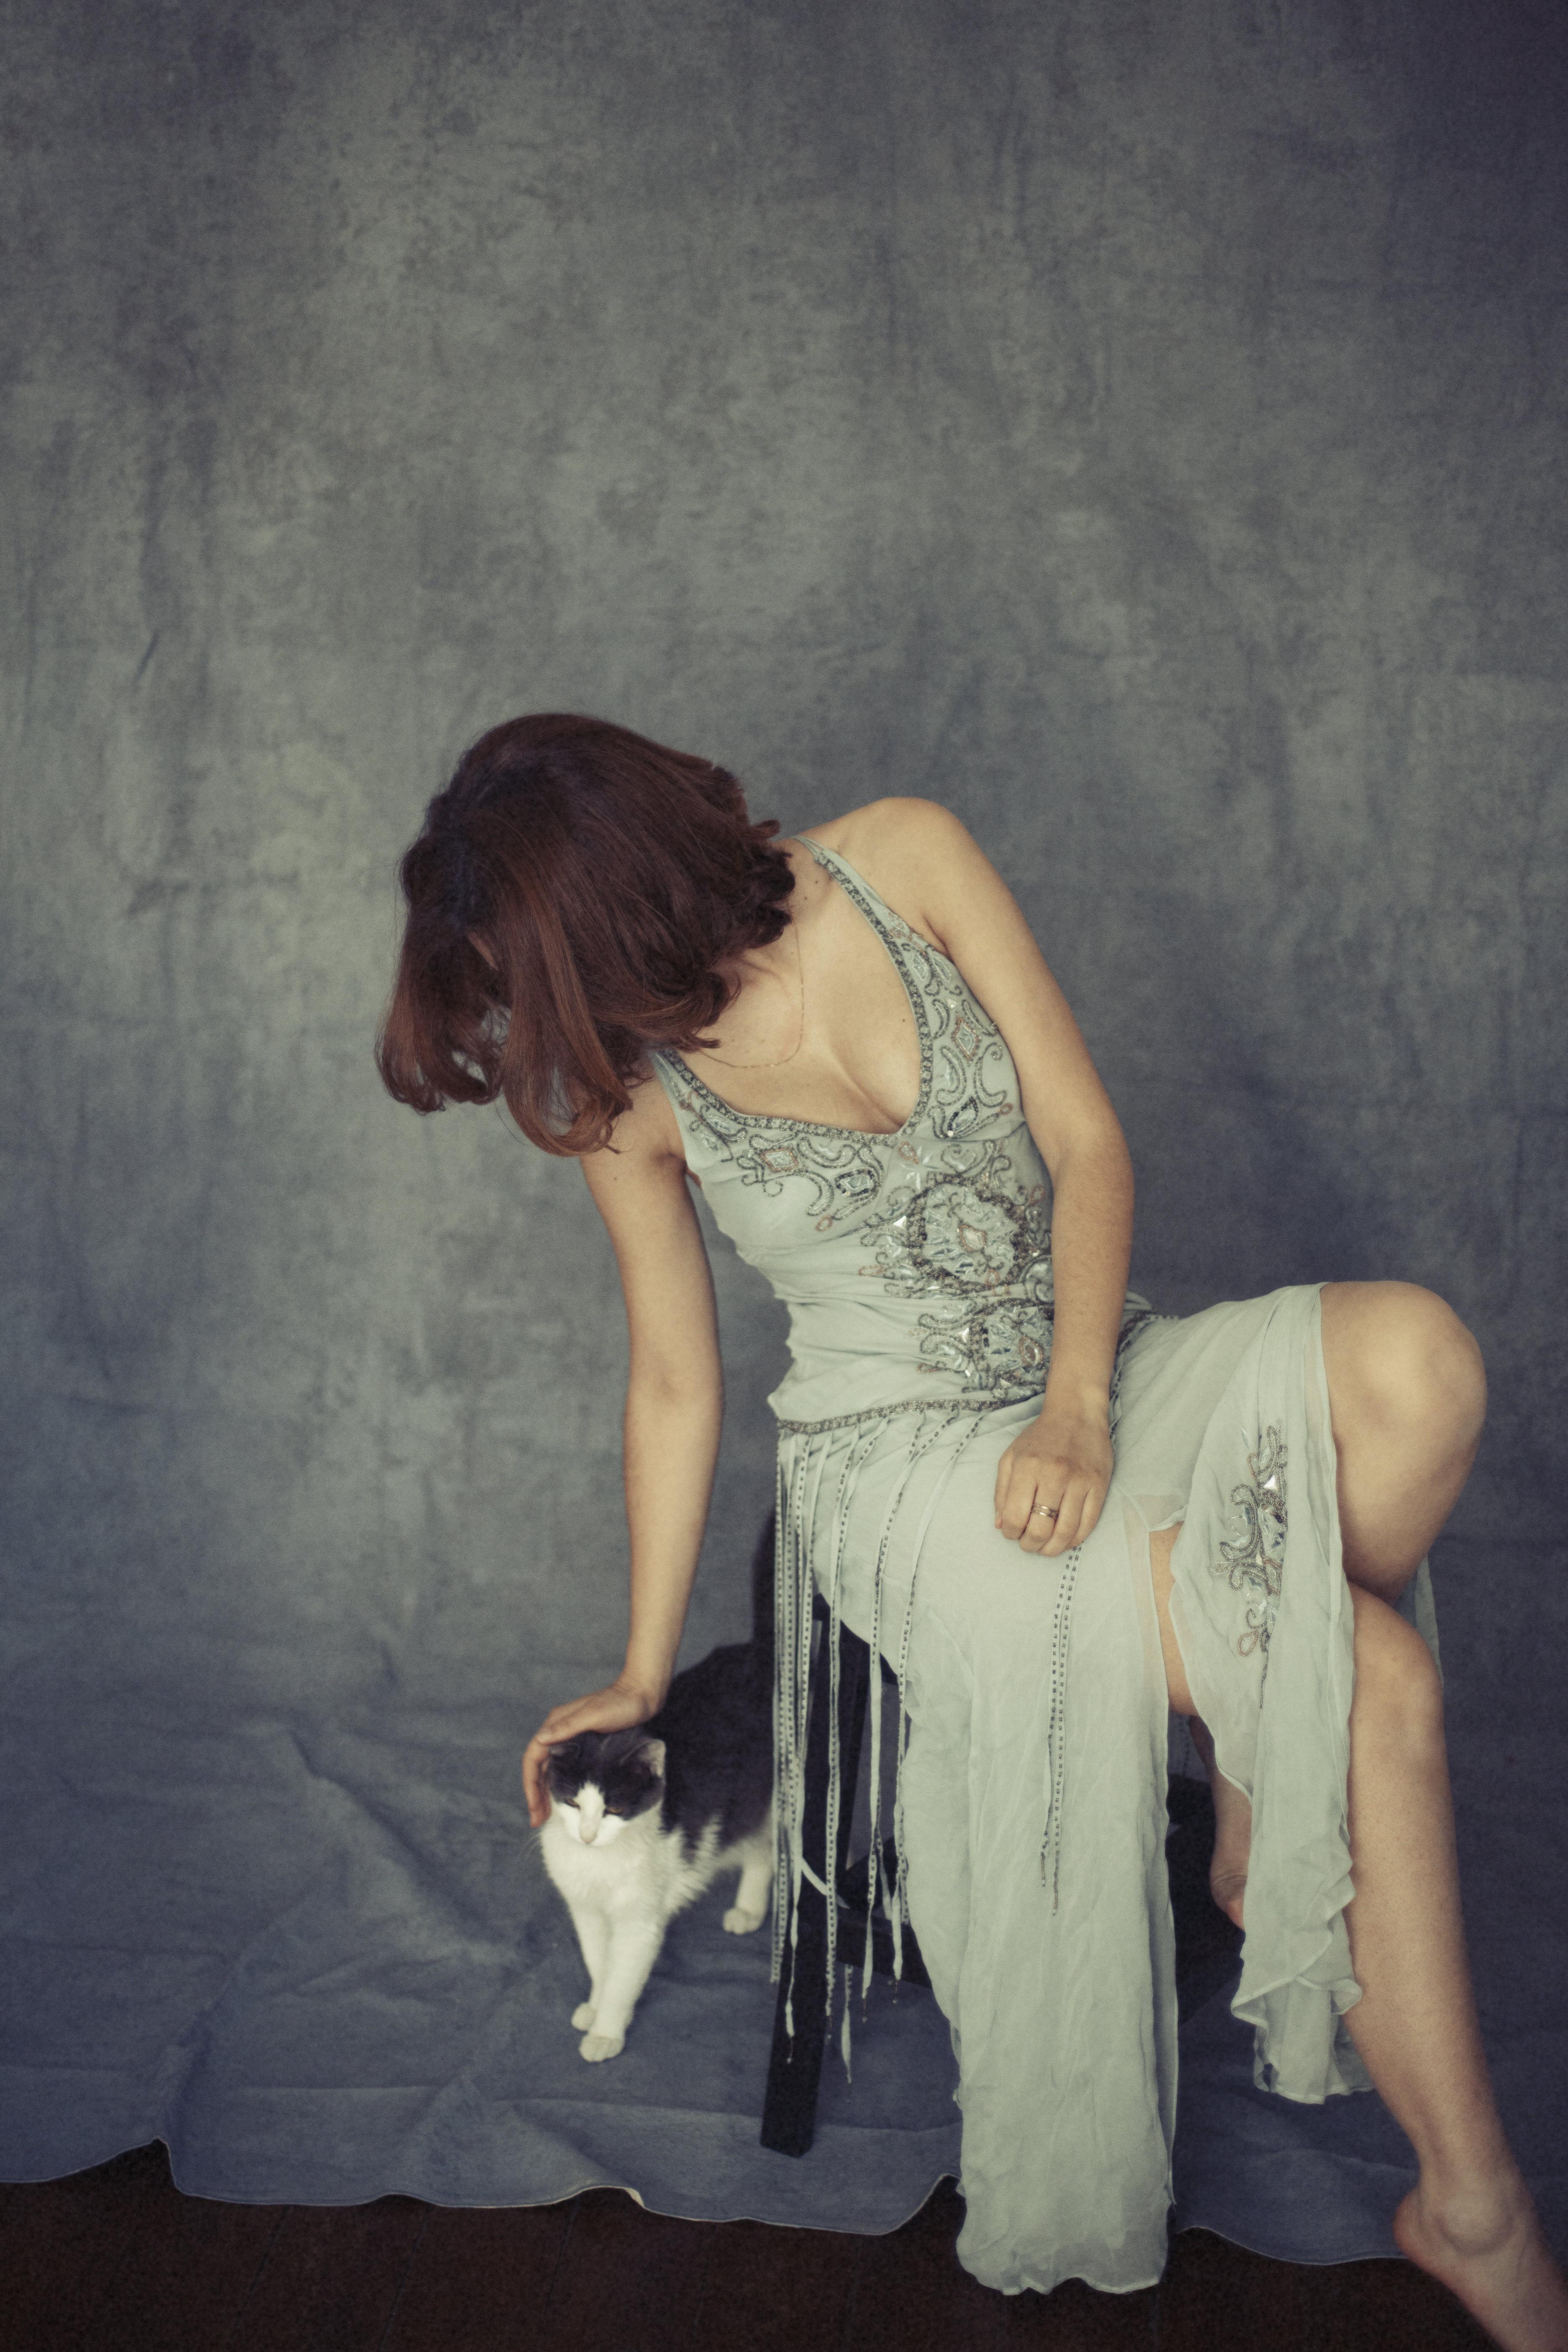 Portrait photographer - best portrait photographers